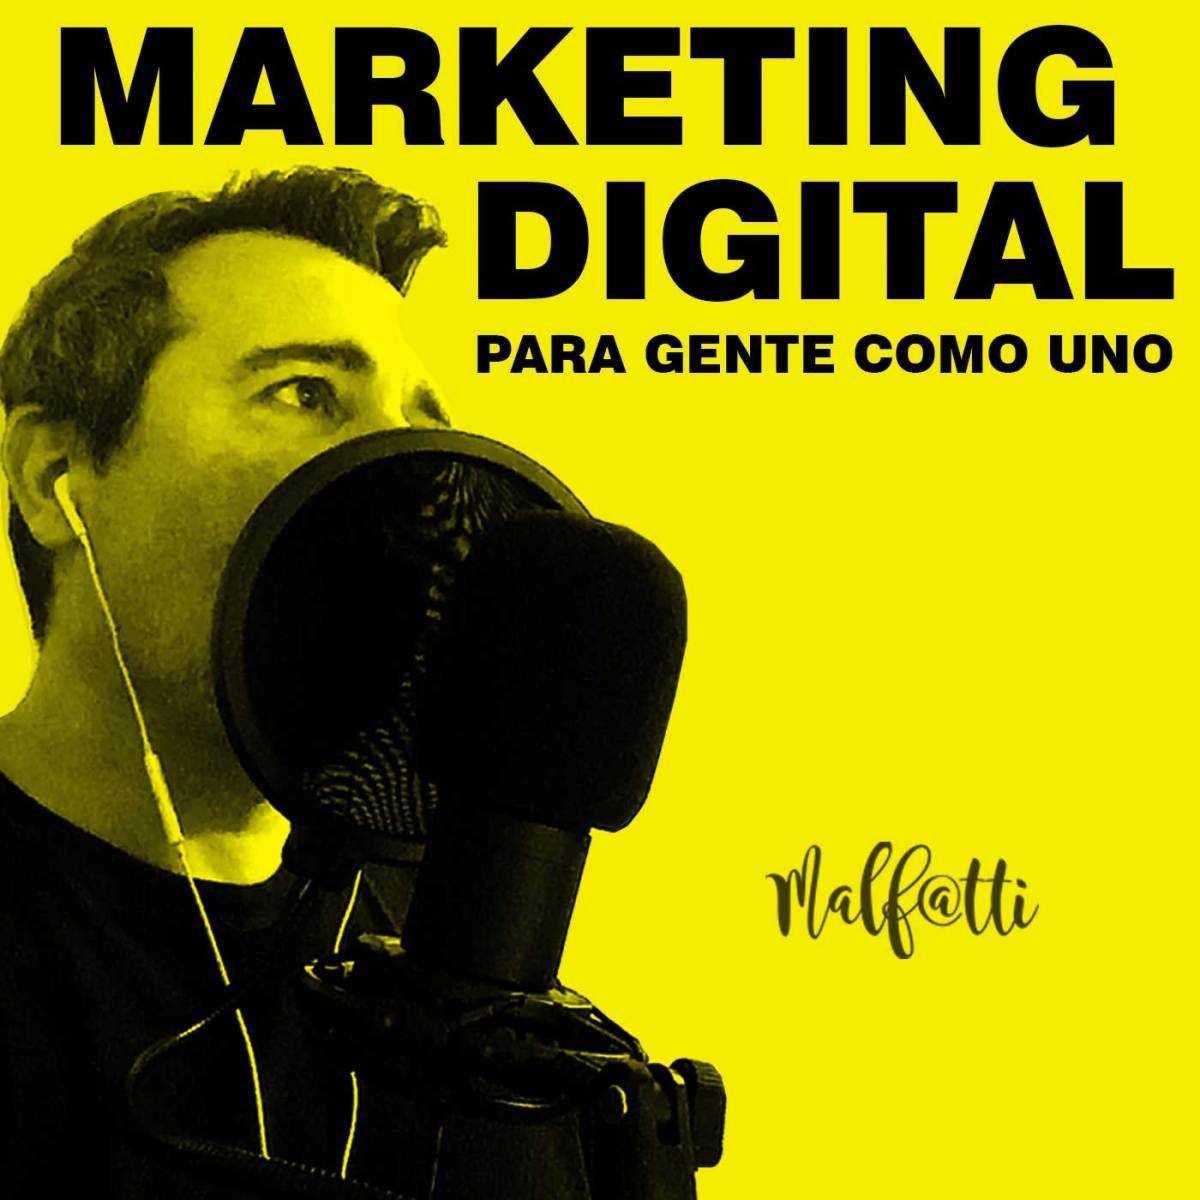 Marketing Digital para gente como uno.